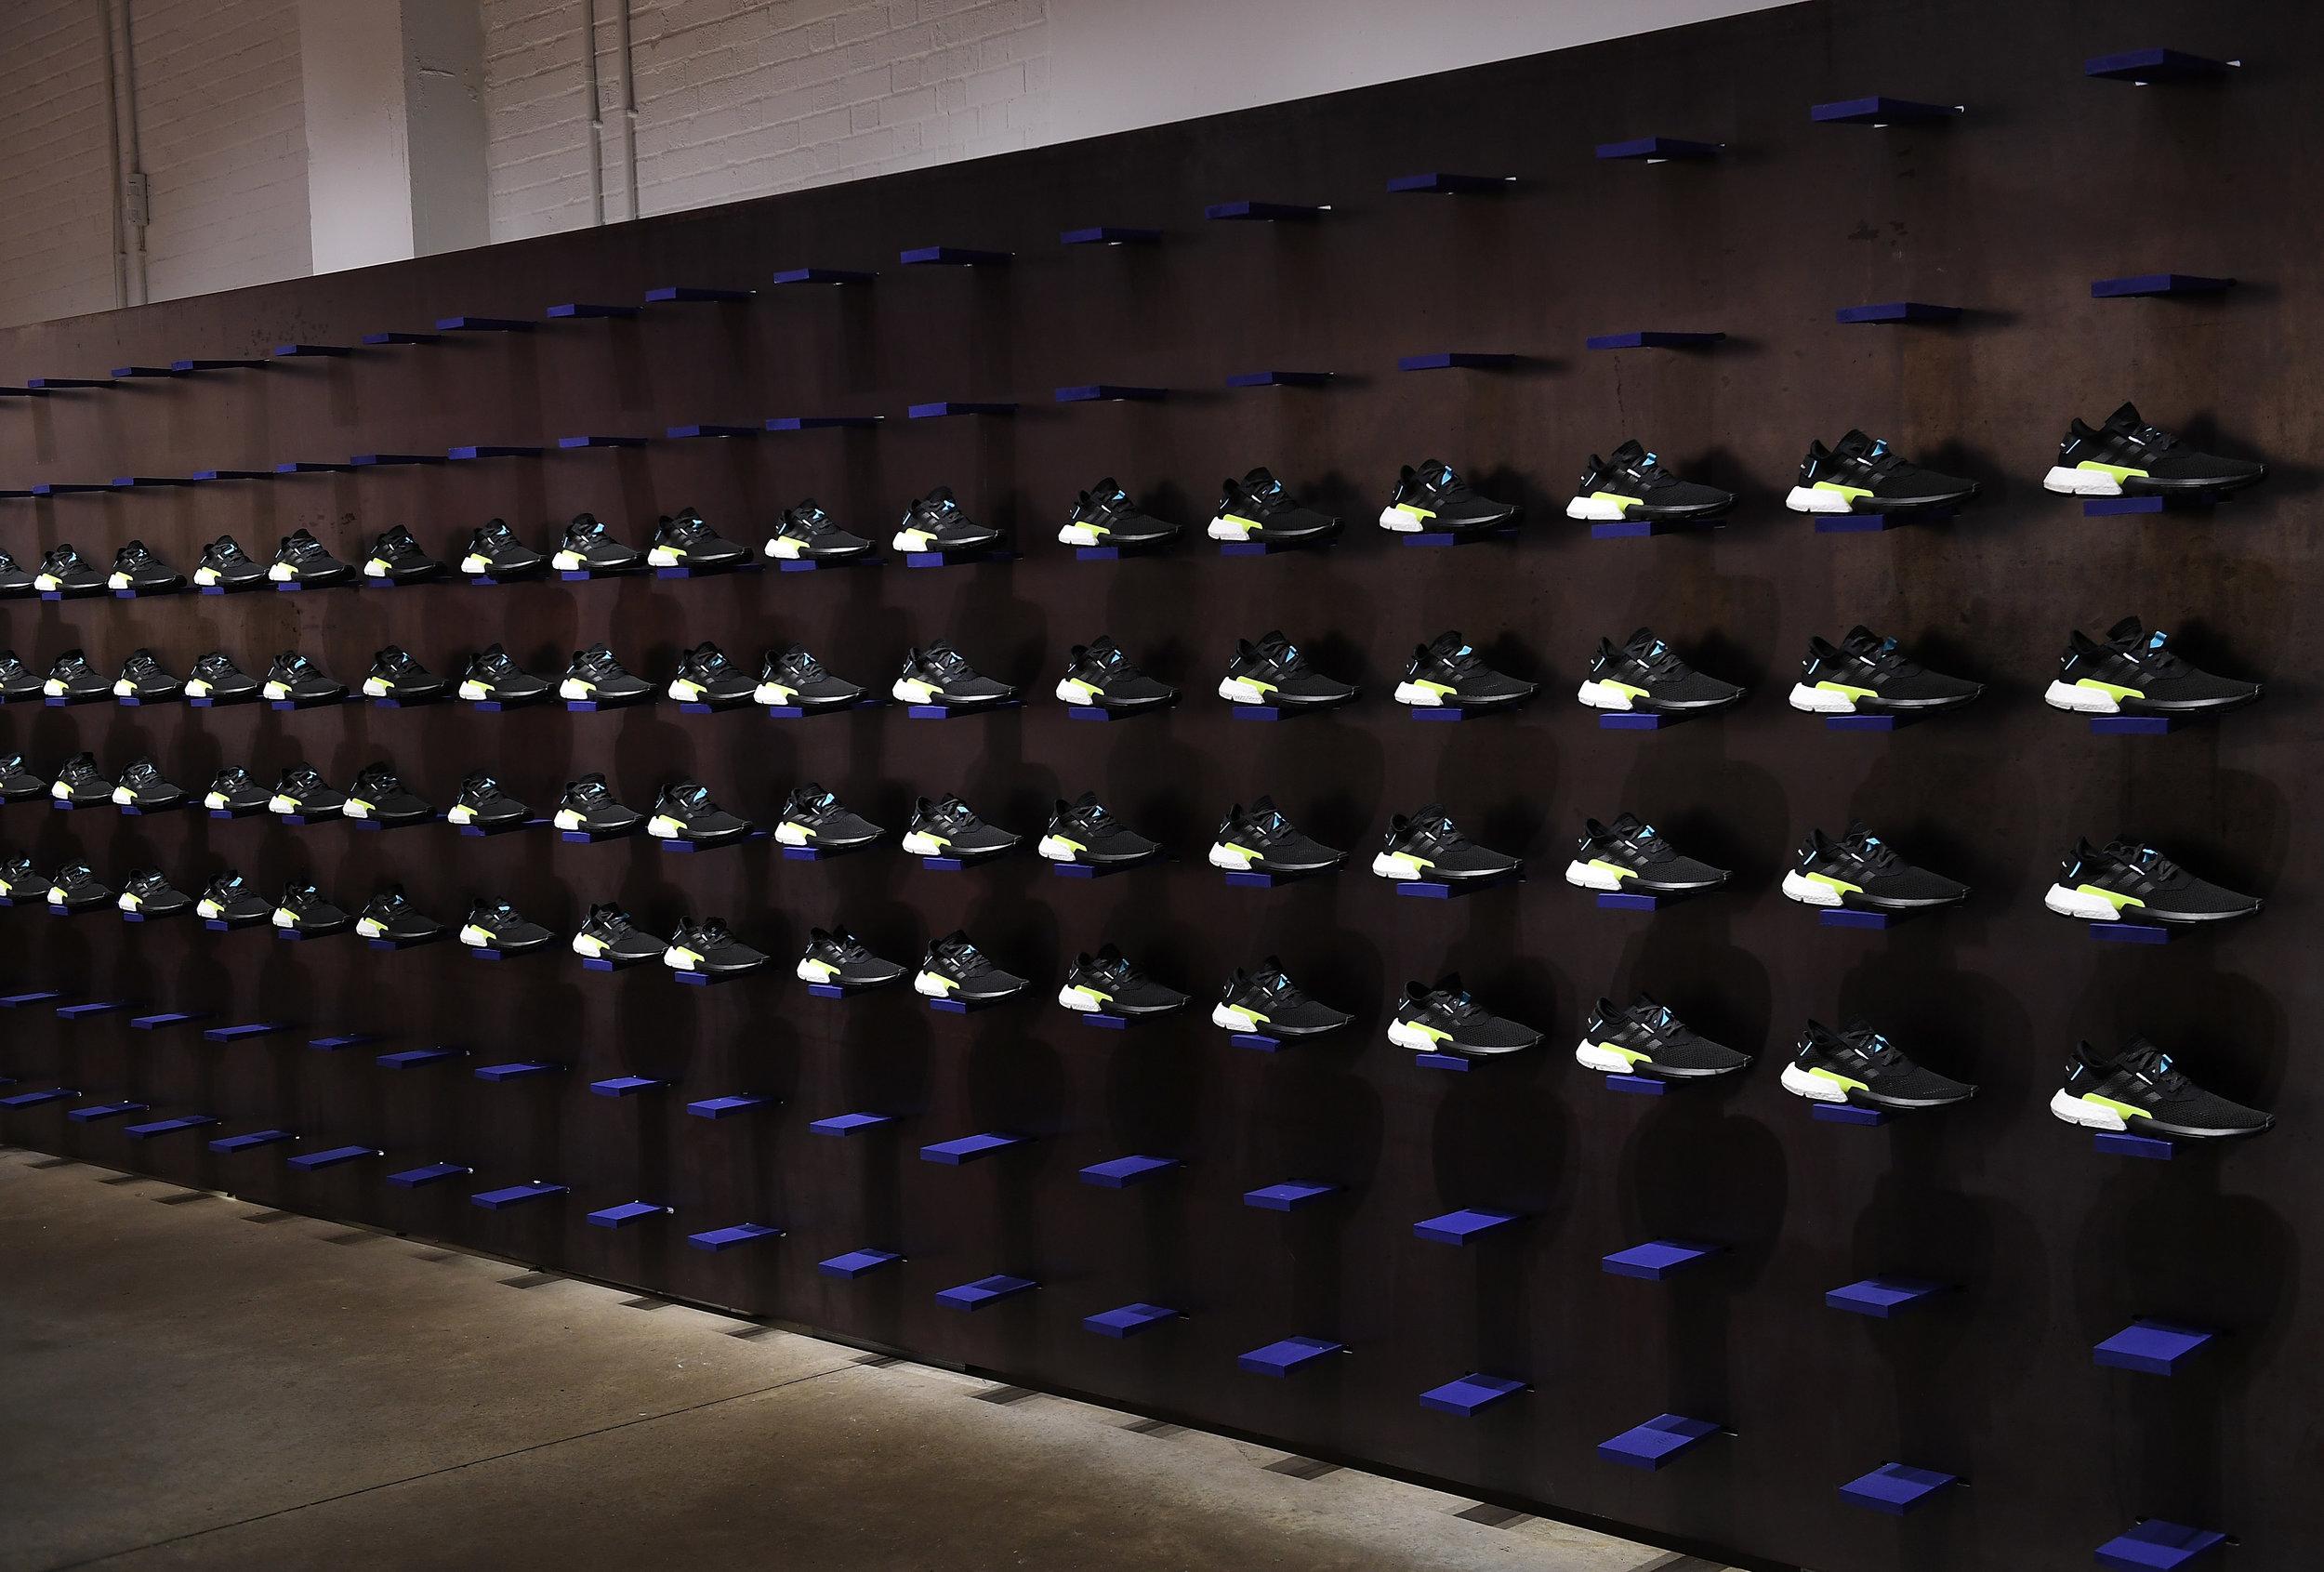 Photos courtesy of Adidas